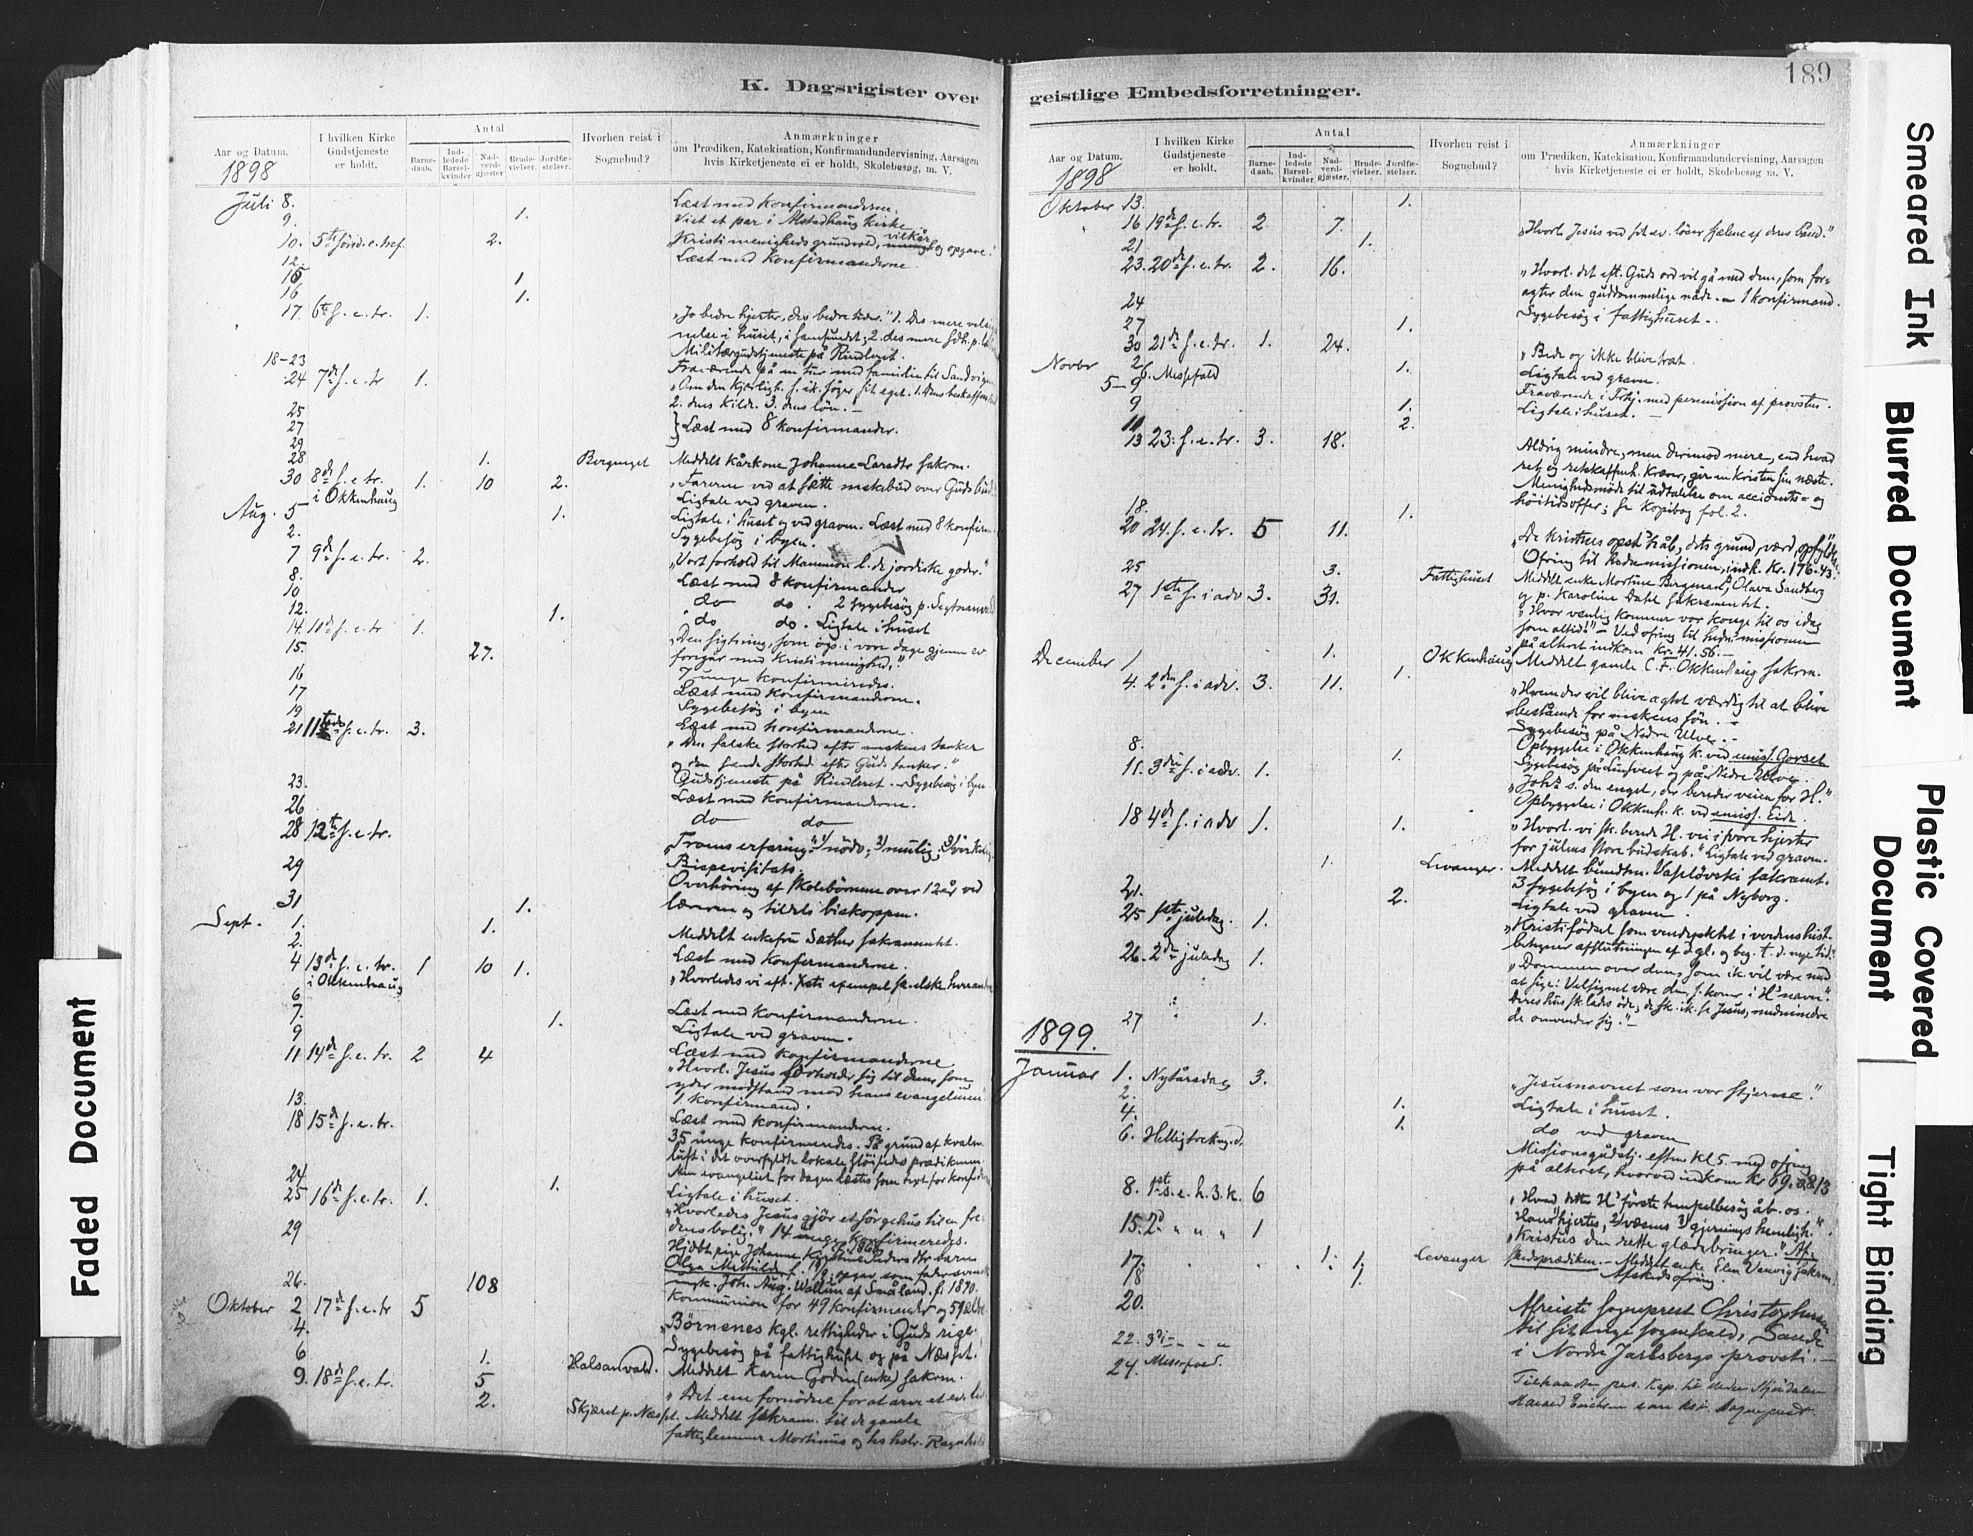 SAT, Ministerialprotokoller, klokkerbøker og fødselsregistre - Nord-Trøndelag, 720/L0189: Ministerialbok nr. 720A05, 1880-1911, s. 189